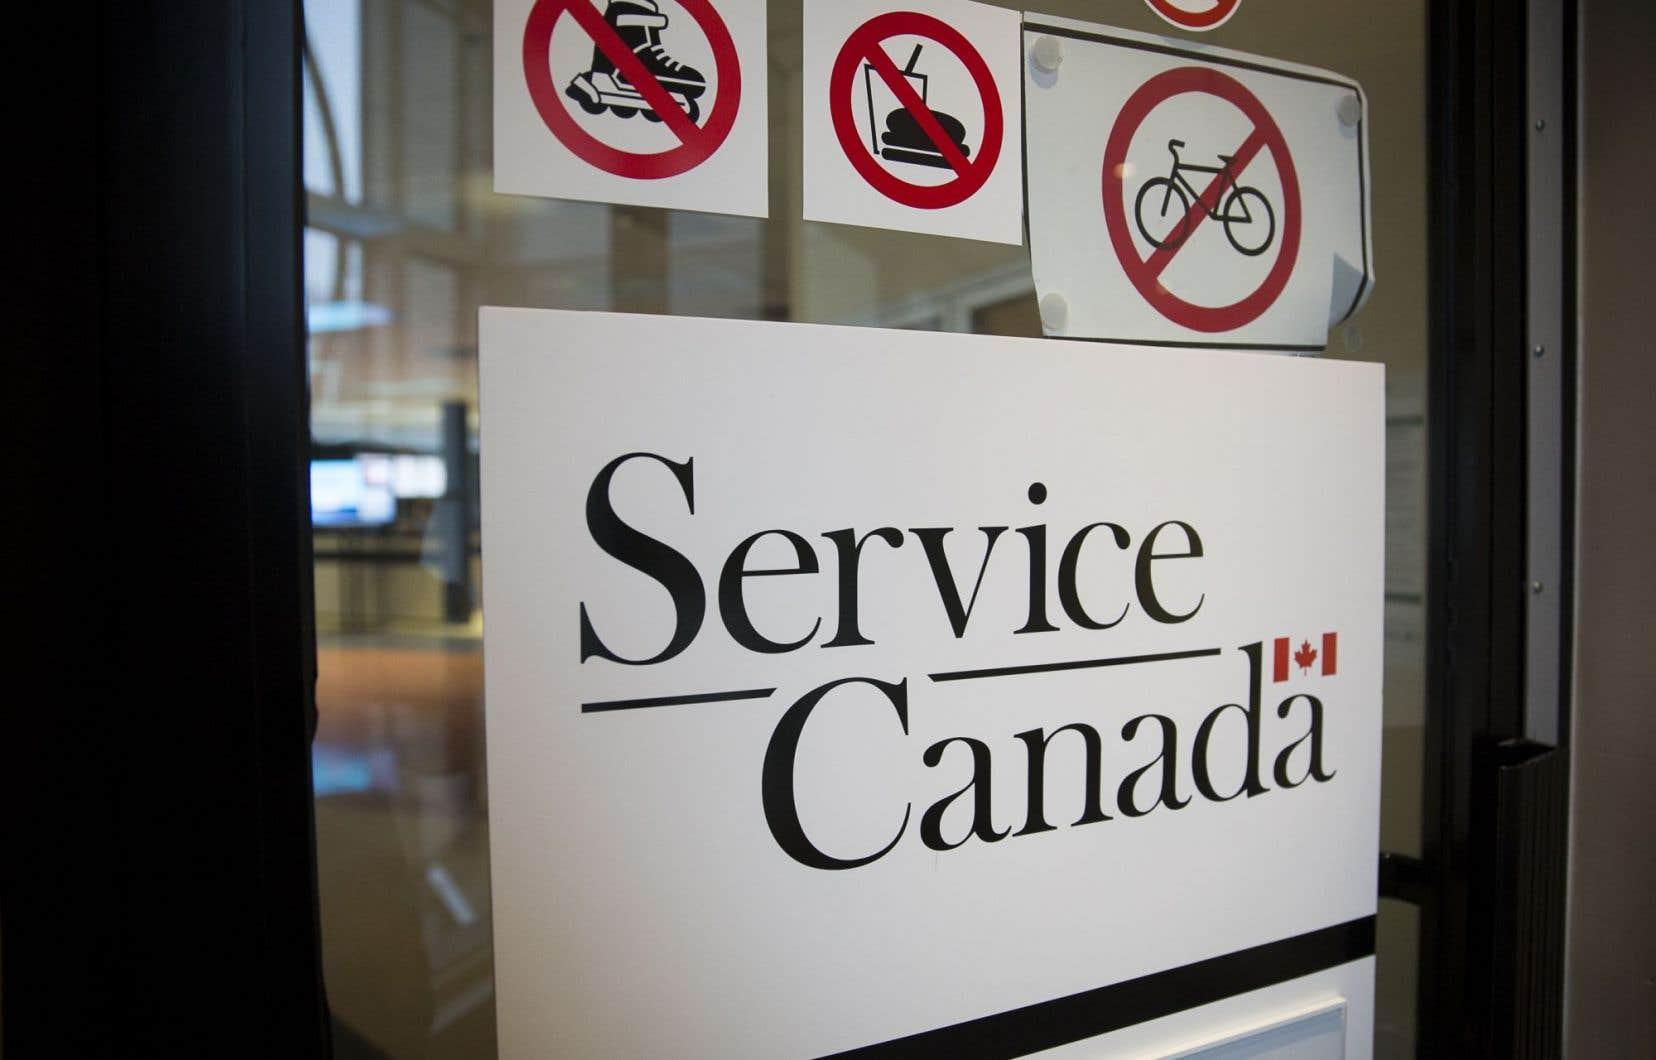 Plus de 509000 personnes ont été ajoutées à la liste des prestataires en février au Canada.